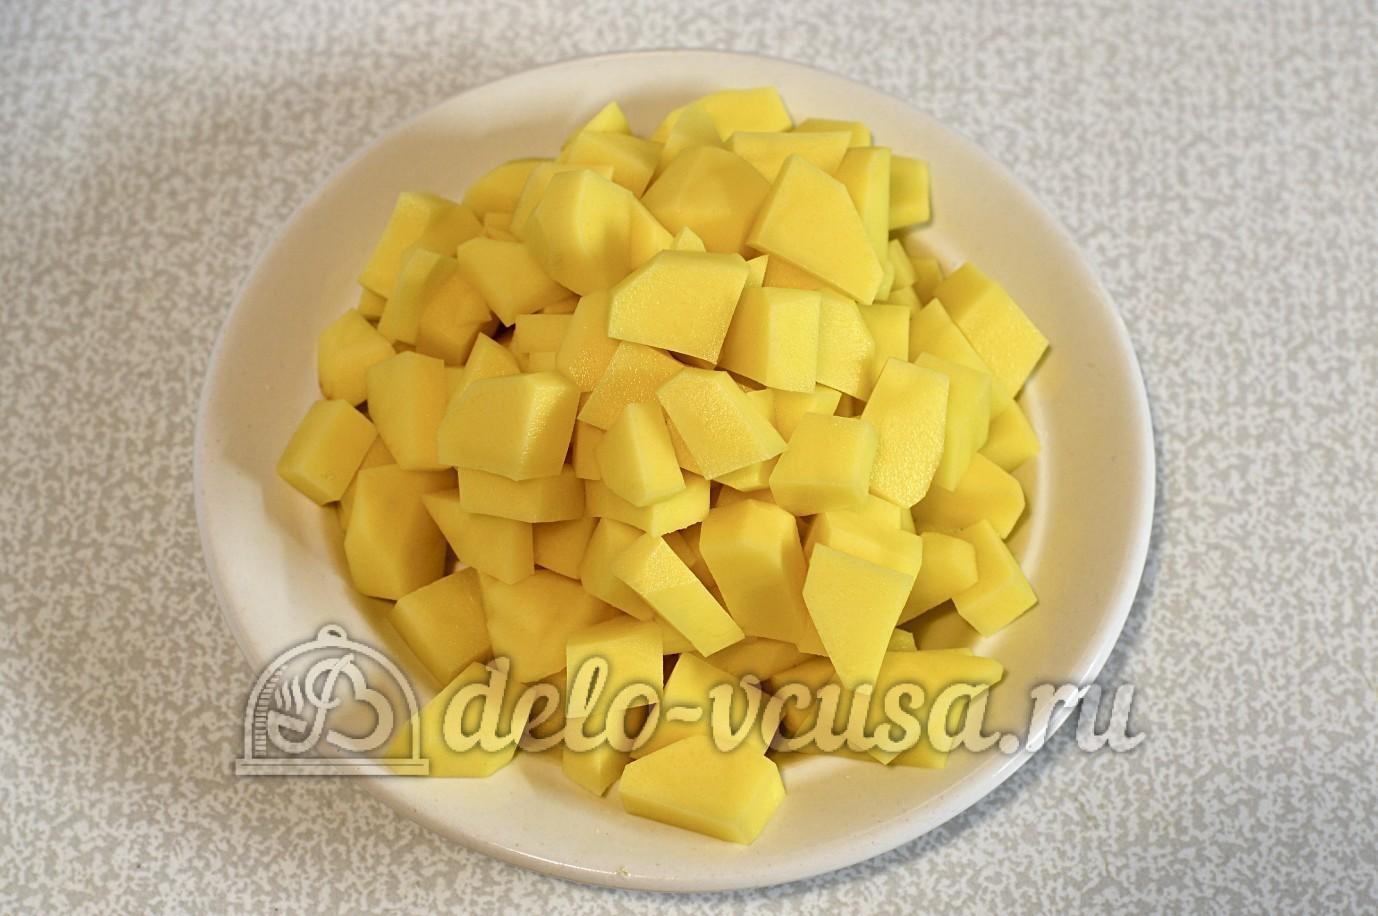 Суп с опятами и картошкой: Картофель нарезать кубиком